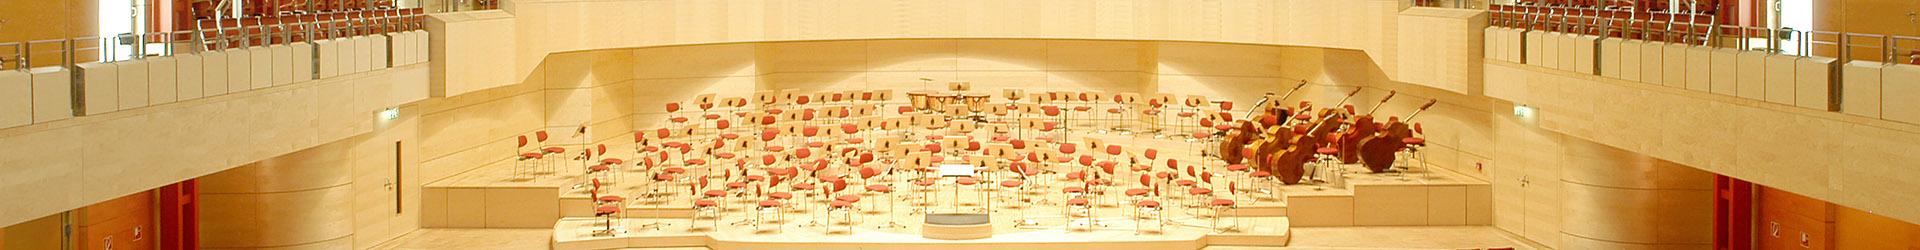 Philharmonie Essen - Alfried Krupp Saal - TUP